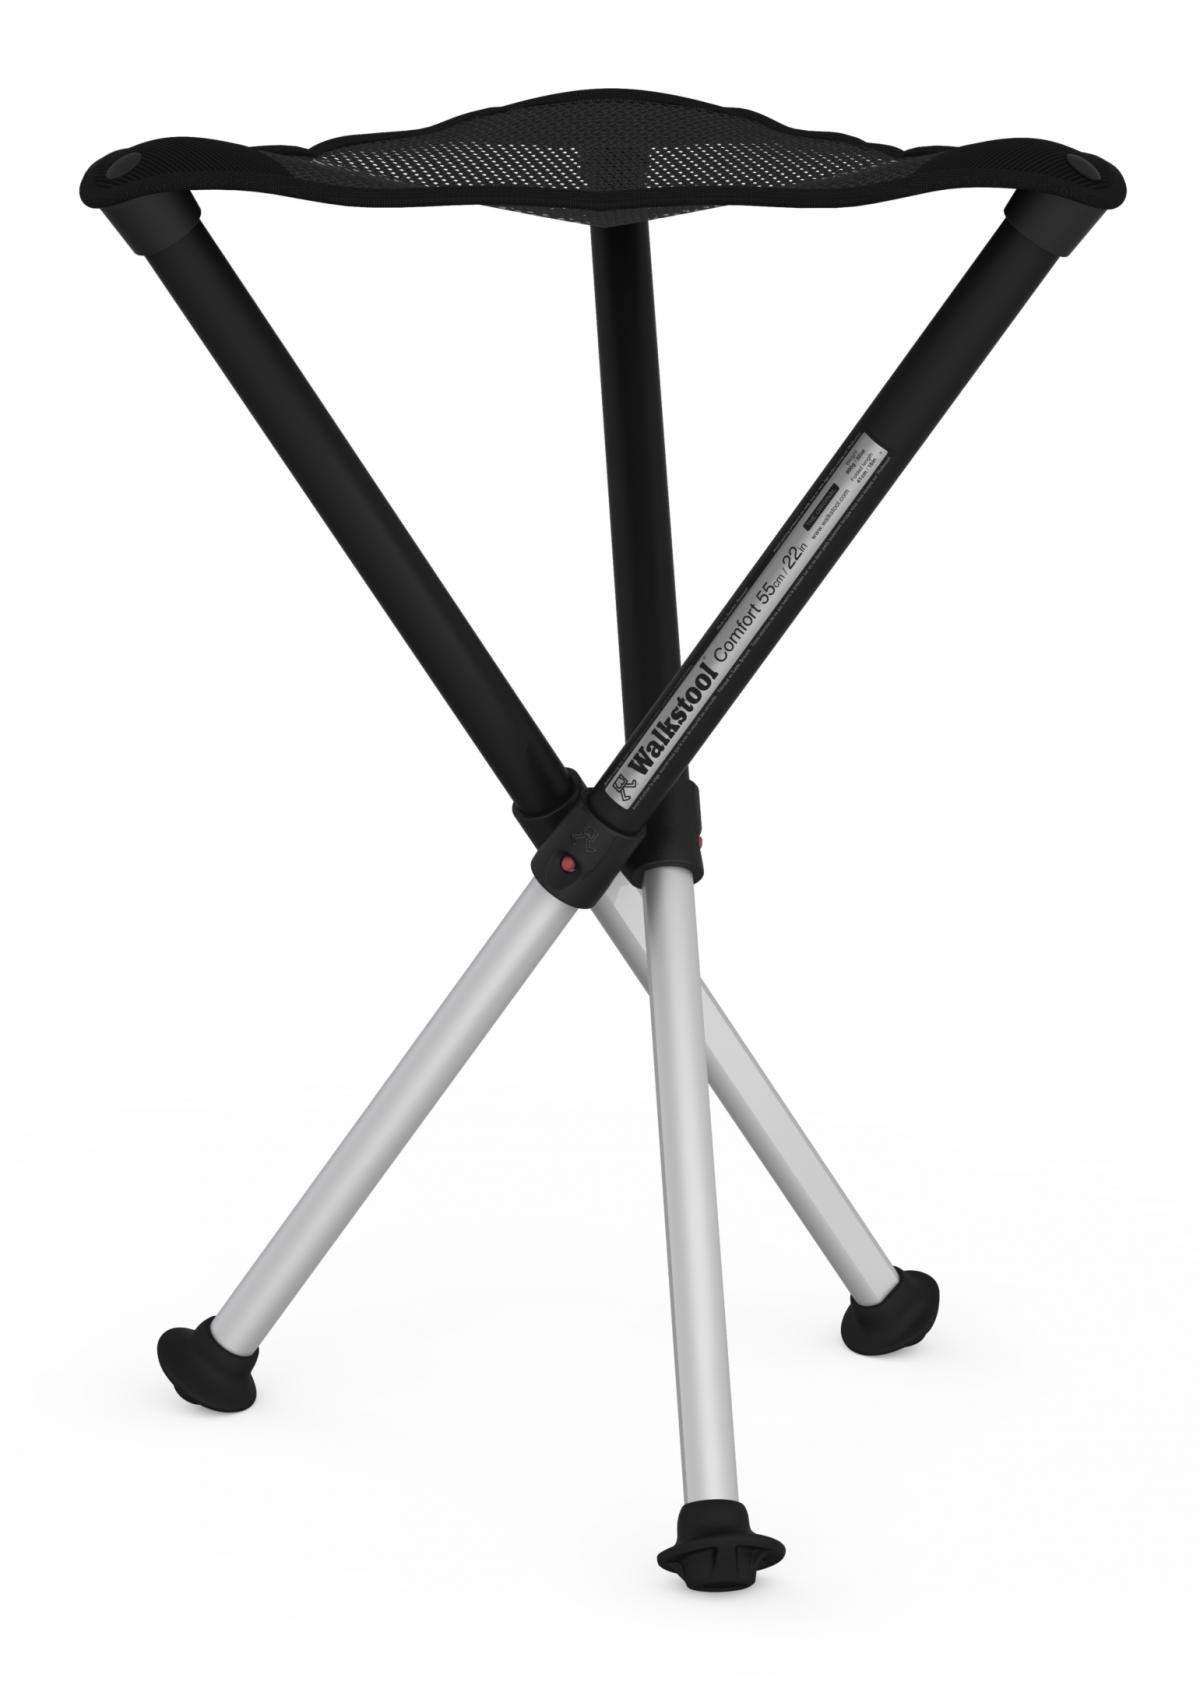 Teleskopska stolica Walkstool comfort XXL 55